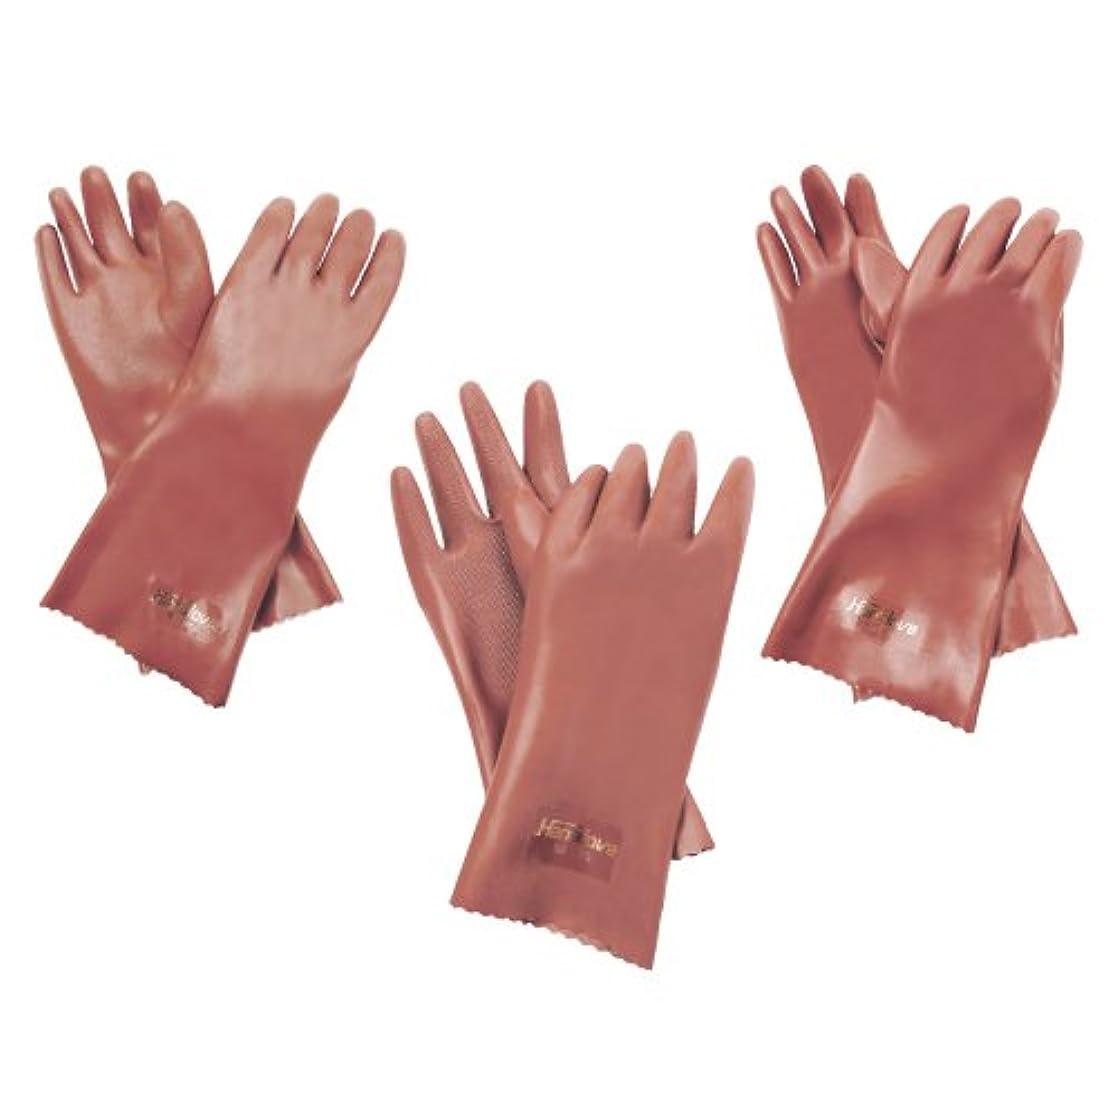 飢えた熱心な操縦する耐油手袋 ハナローブ NO.146S??????????????(23-2947-01)